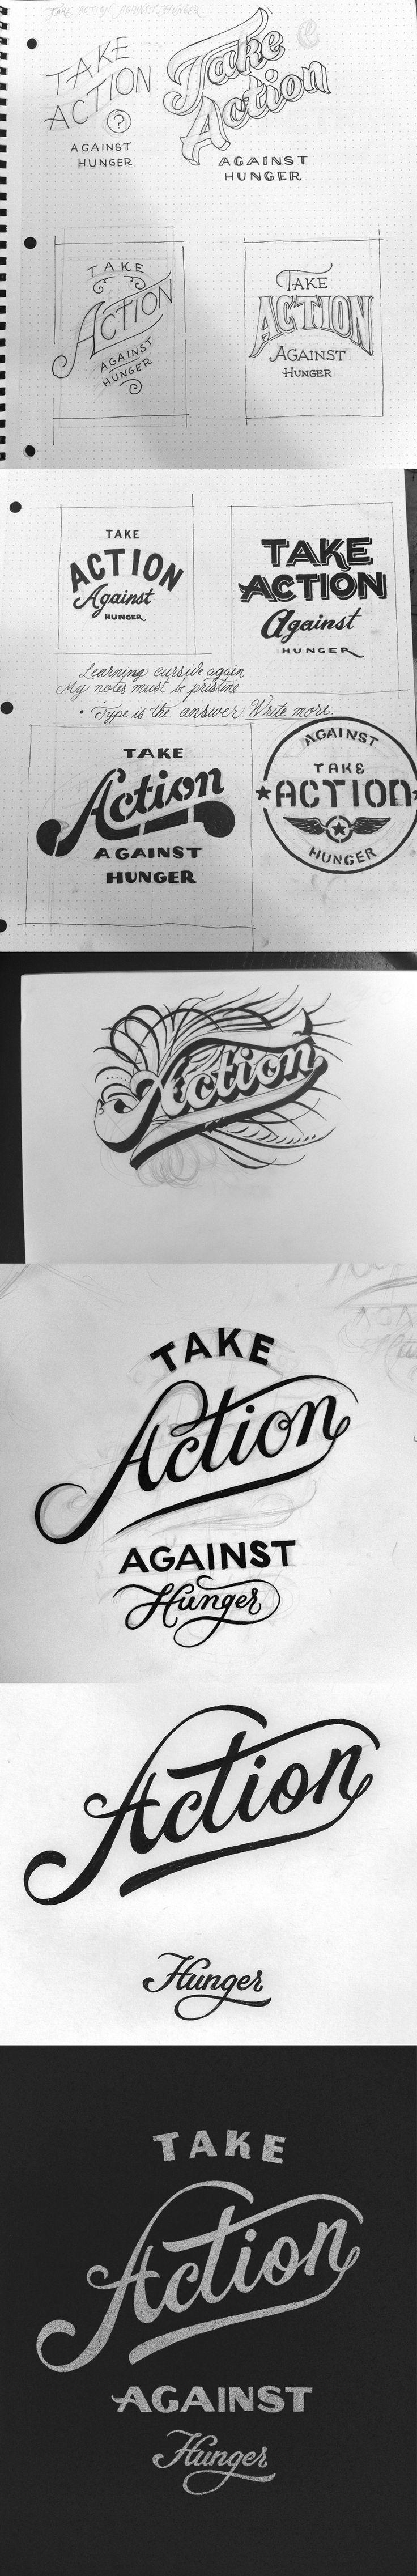 Mooi om te zien hoe de maker zijn opties bekijkt en meerdere dingen probeert. De retro-letters en stijl spreken me erg aan. Alsof elke letter een kunstwerkje is.